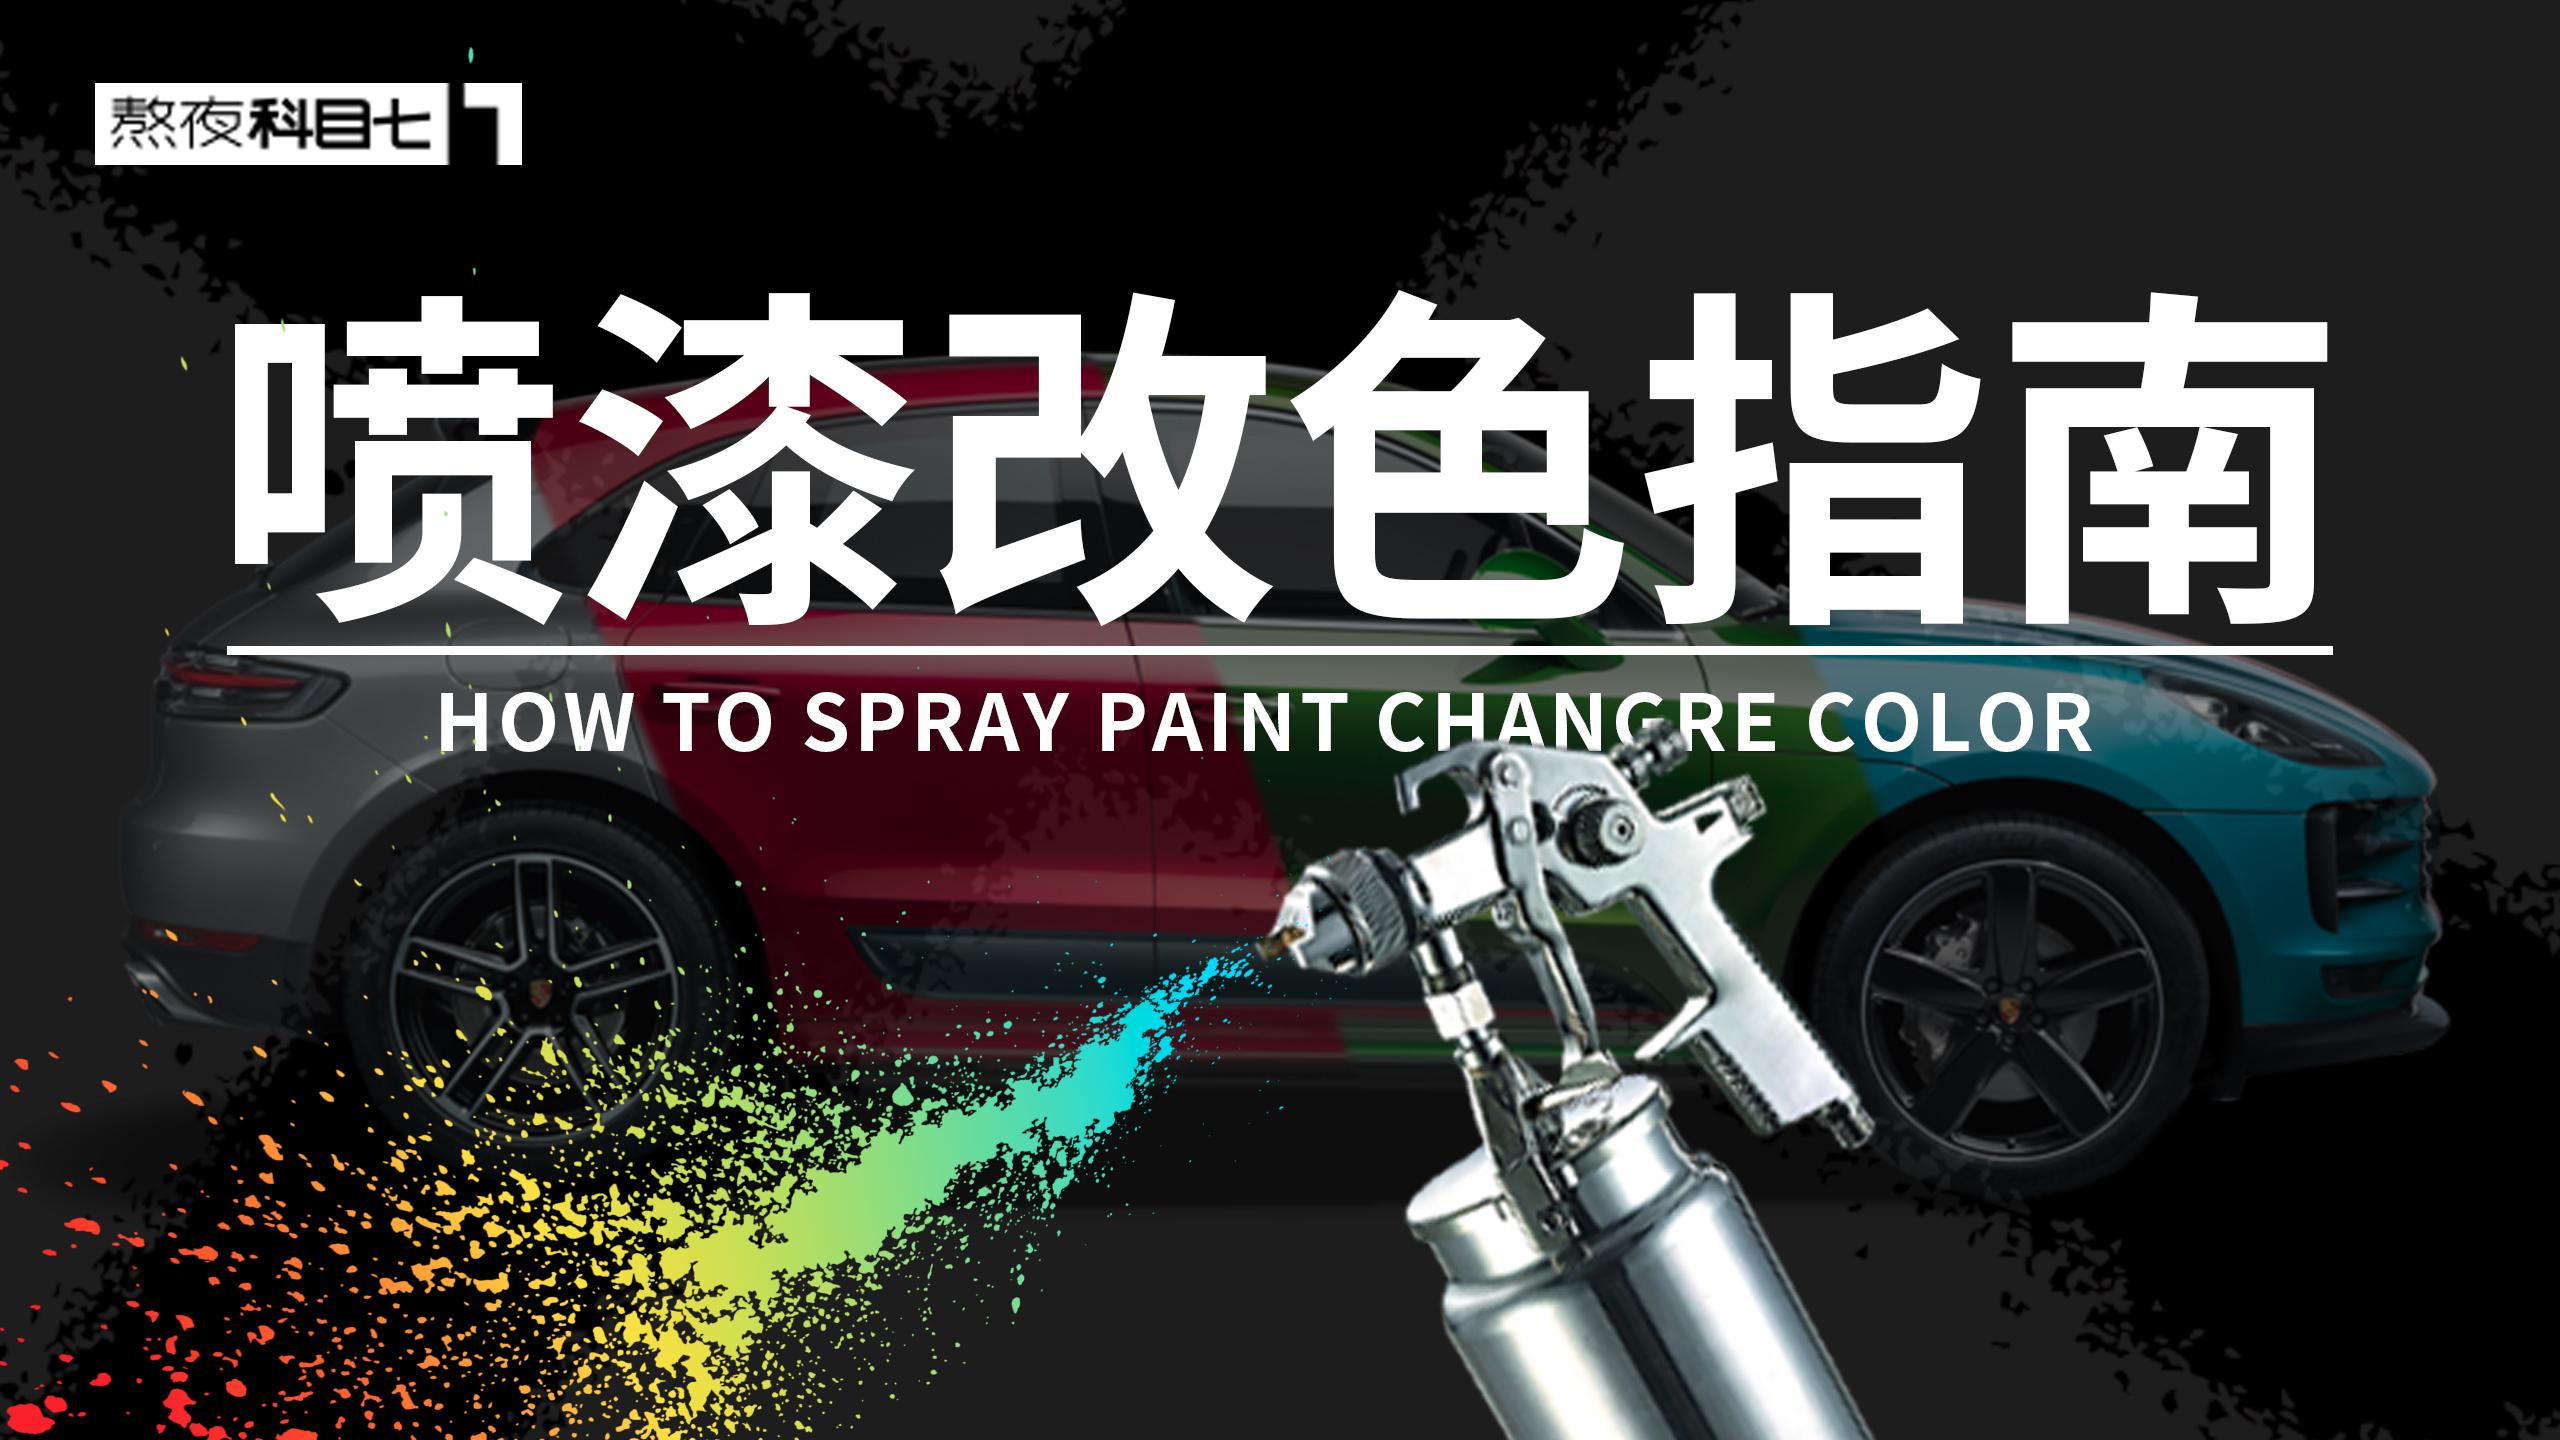 熬夜频道 | 后期喷漆为什么比不上原厂车漆?后期喷漆如何选?